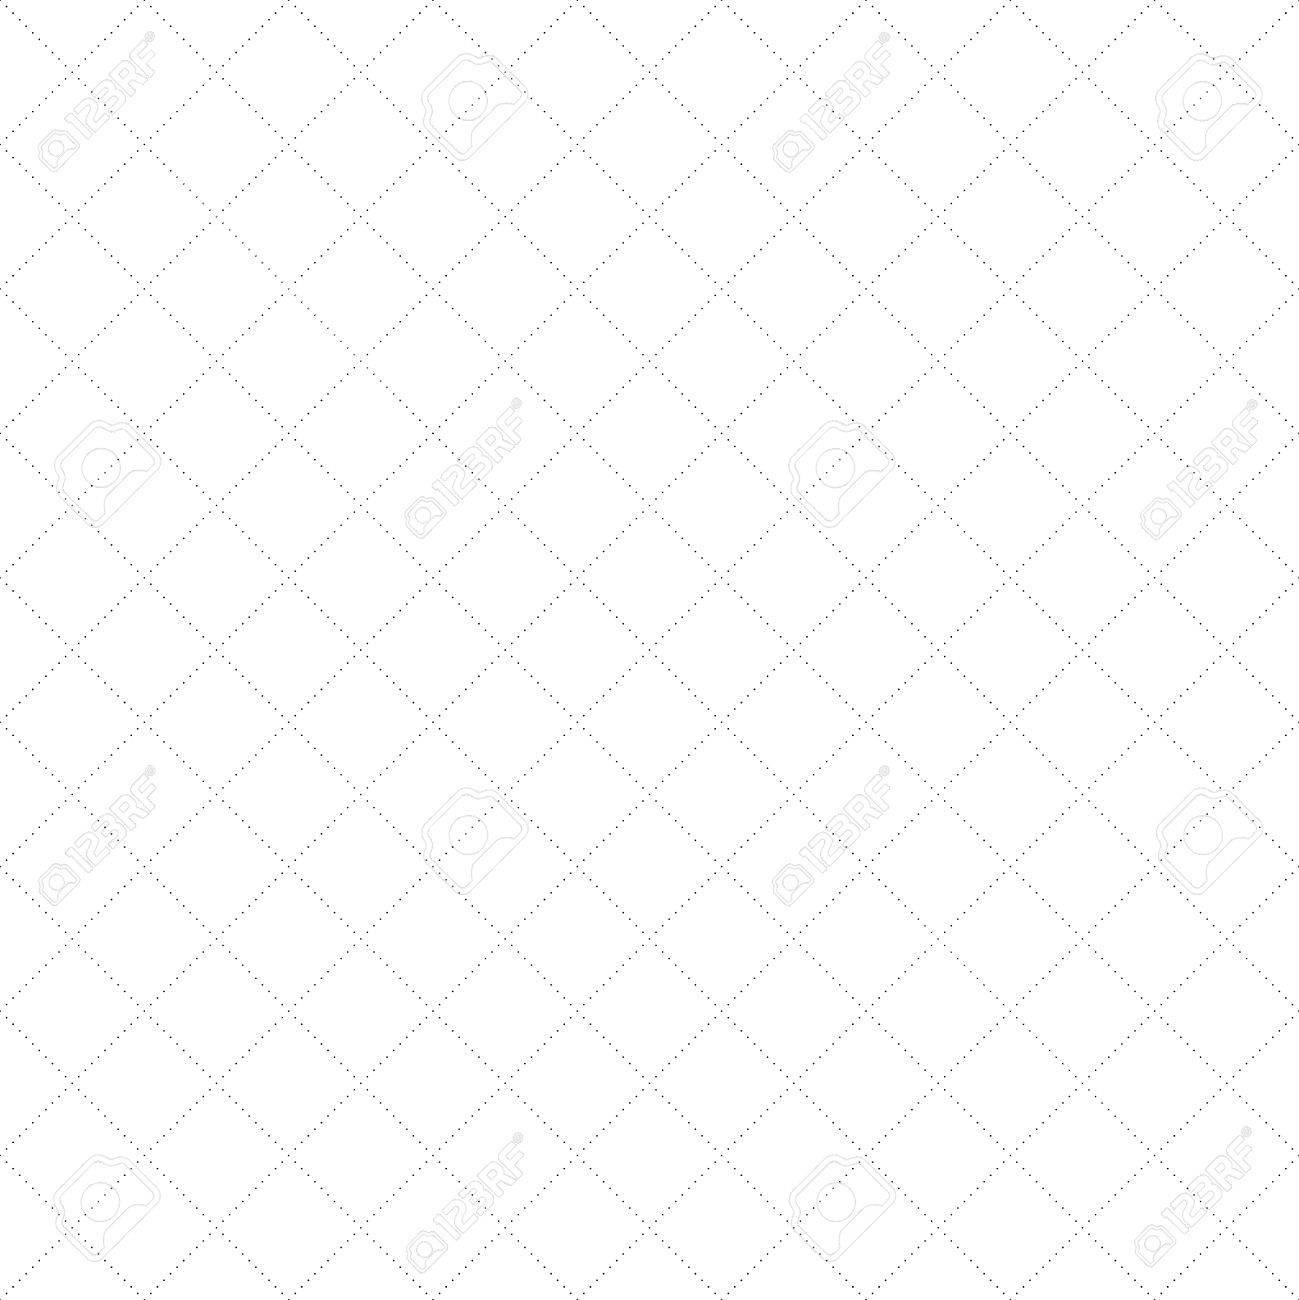 Líneas Diagonales De Puntos De Encaje Sin Patrón Neta. Líneas Negras ...